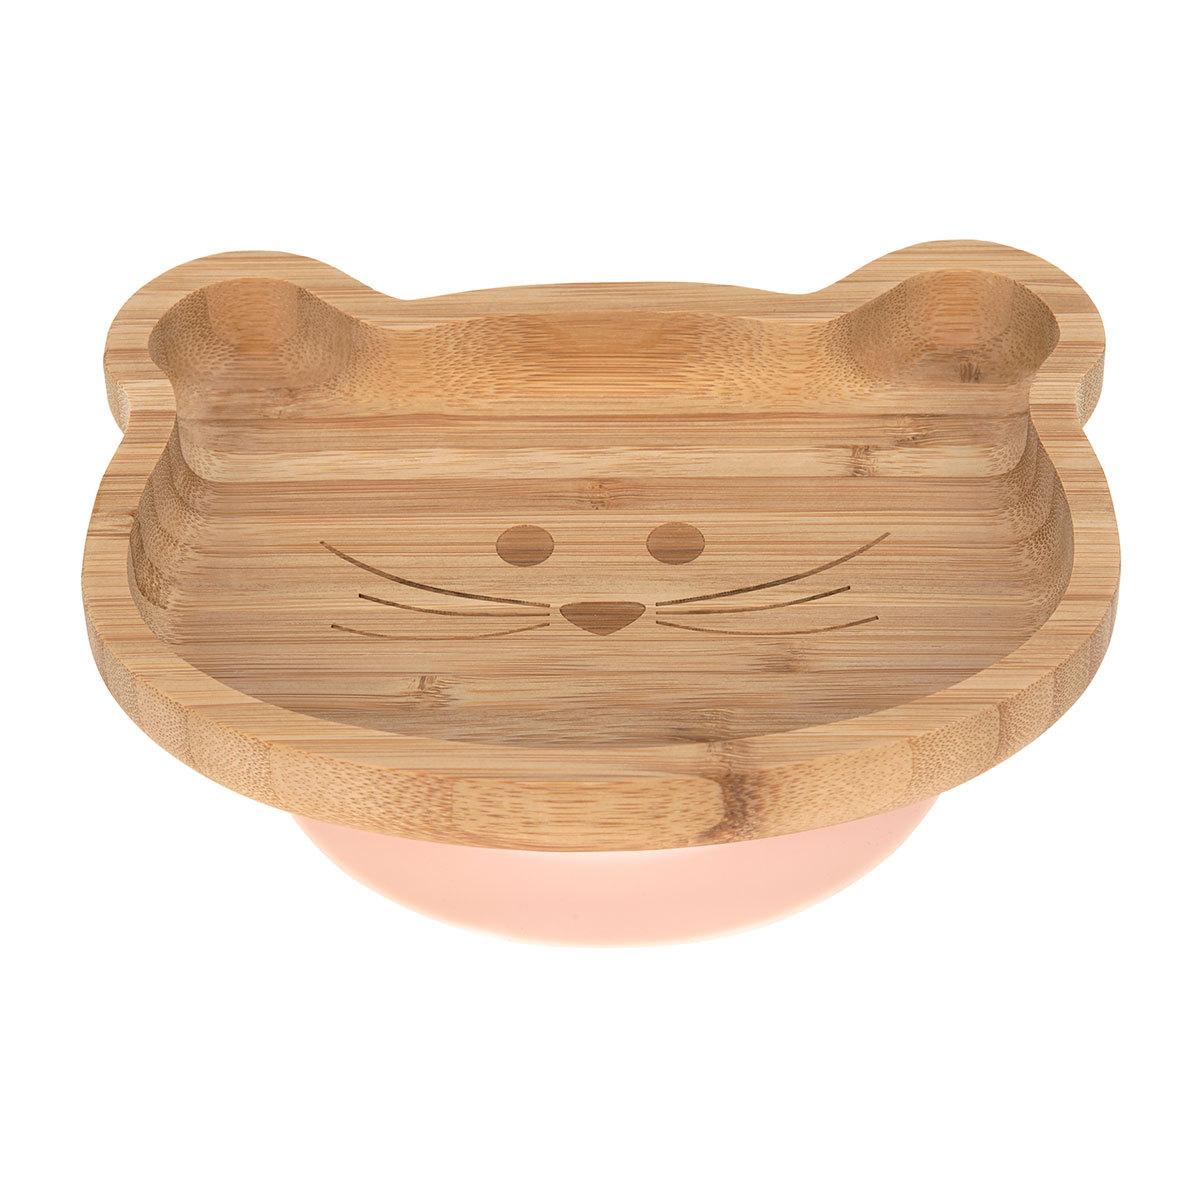 Vaisselle & Couvert Assiette en Bois de Bambou Little Chums - Souris Assiette en Bois de Bambou Little Chums - Souris